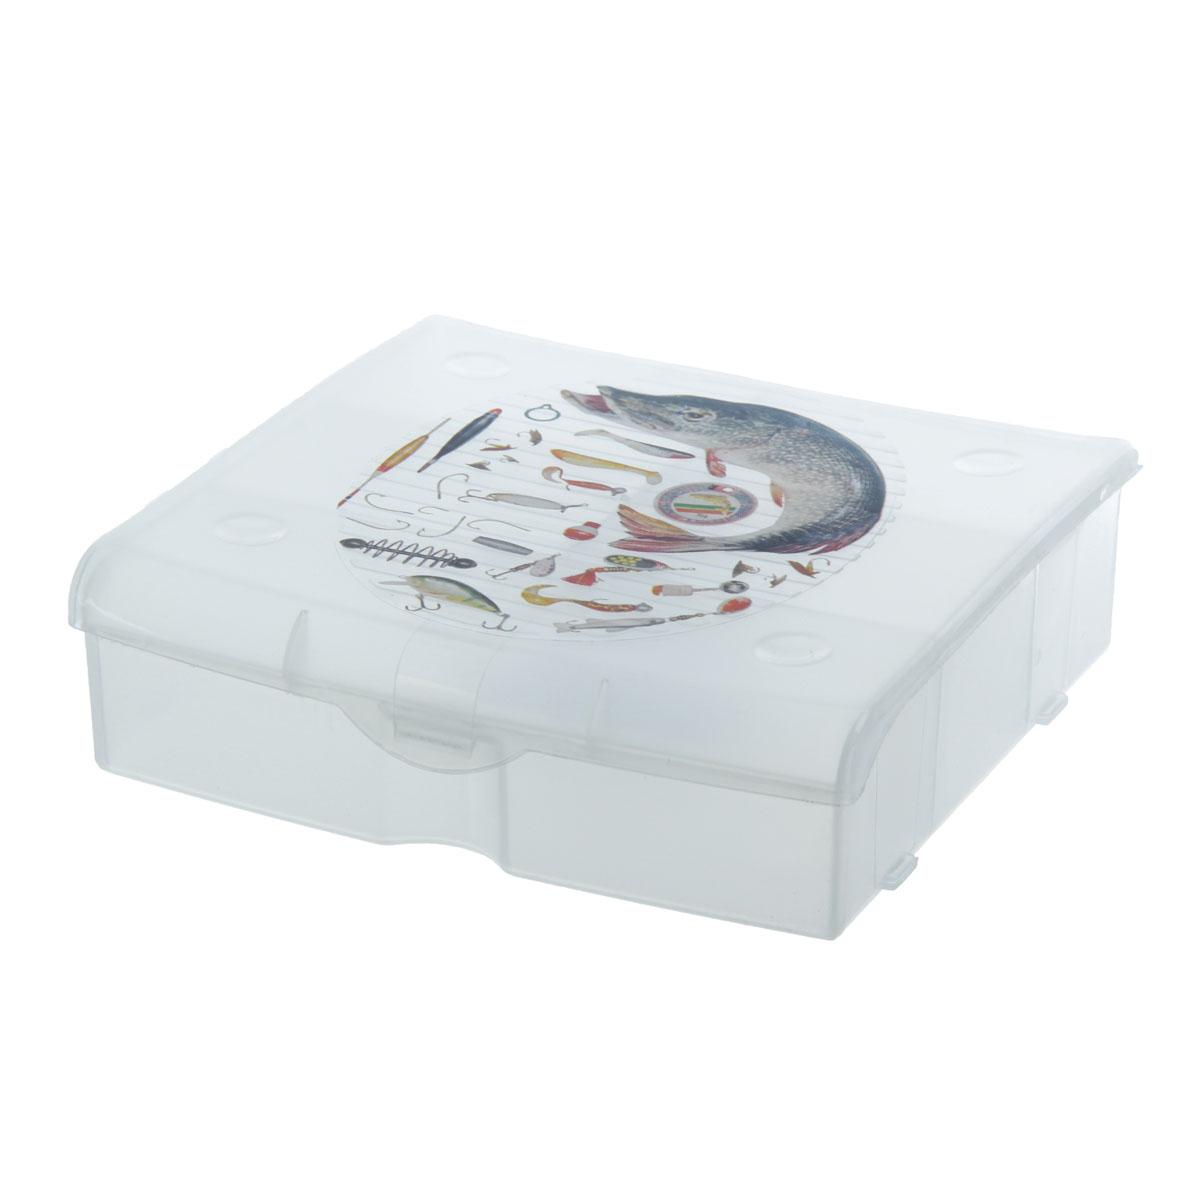 Бокс для хранения 5 ячеек 81293010936Бокс для рыболовных принадлежностей 5 ячеек 812930 Материал: Пластик